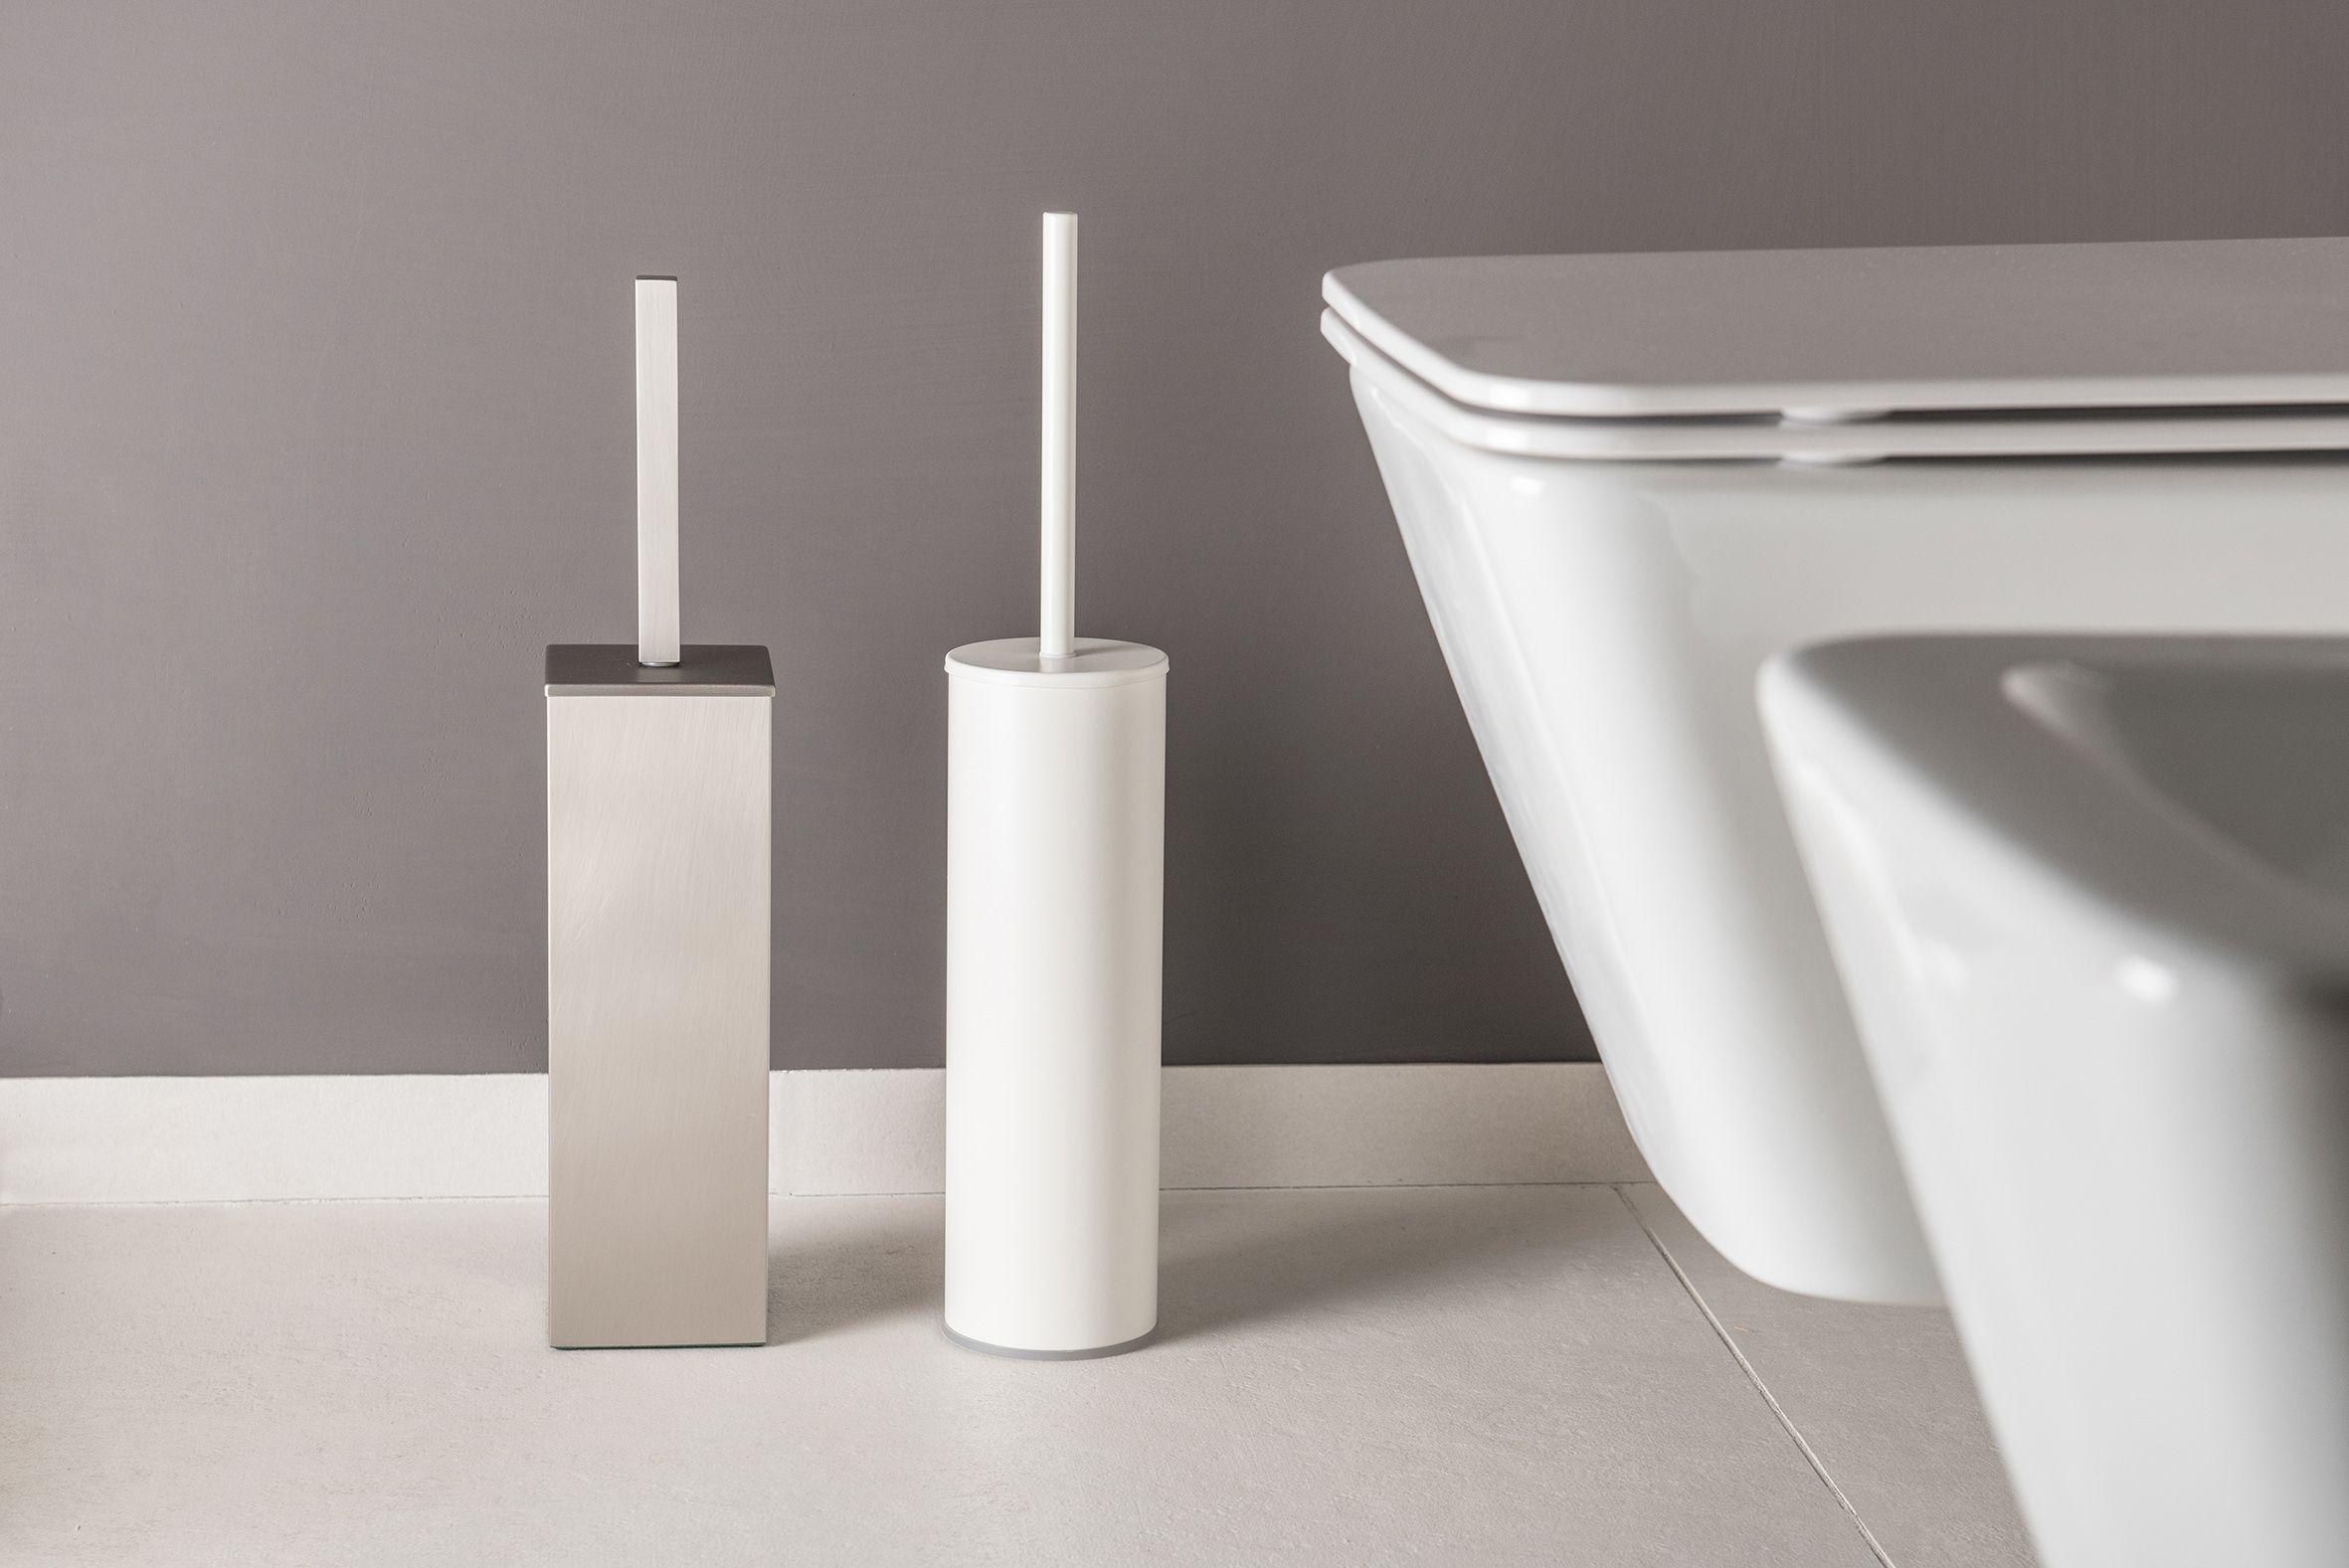 Scopino bagno ~ Due soluzioni diverse per gli scopini bagno di qualità artigiana